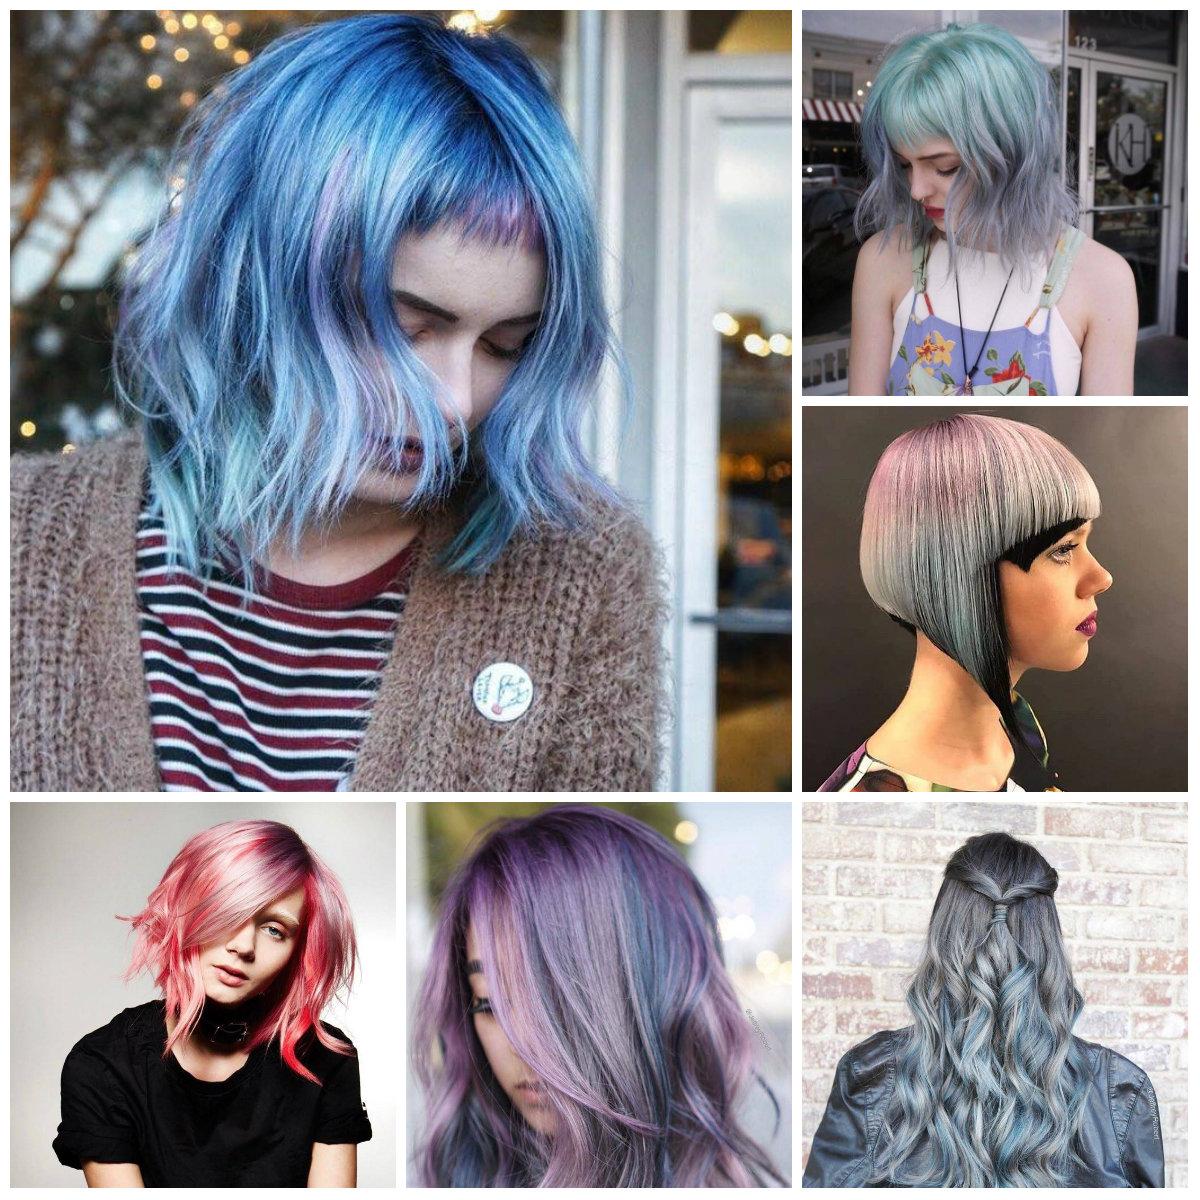 Завивка и покраска волос в декабре 2019 года рекомендации